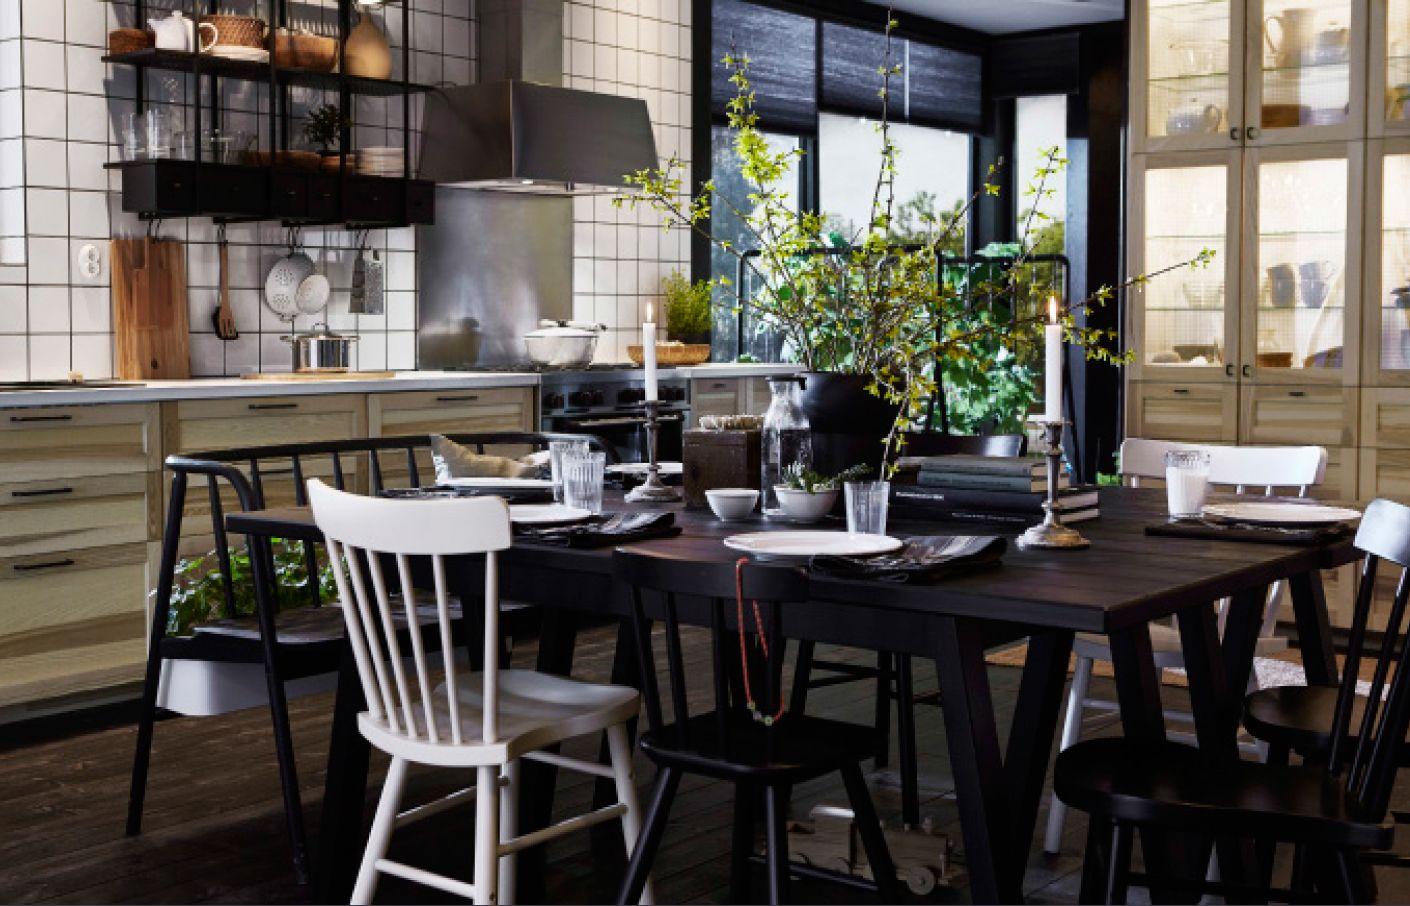 RINGHULT Dør, højglans grå | Ikea och Kök : ekbord ikea : Inredning